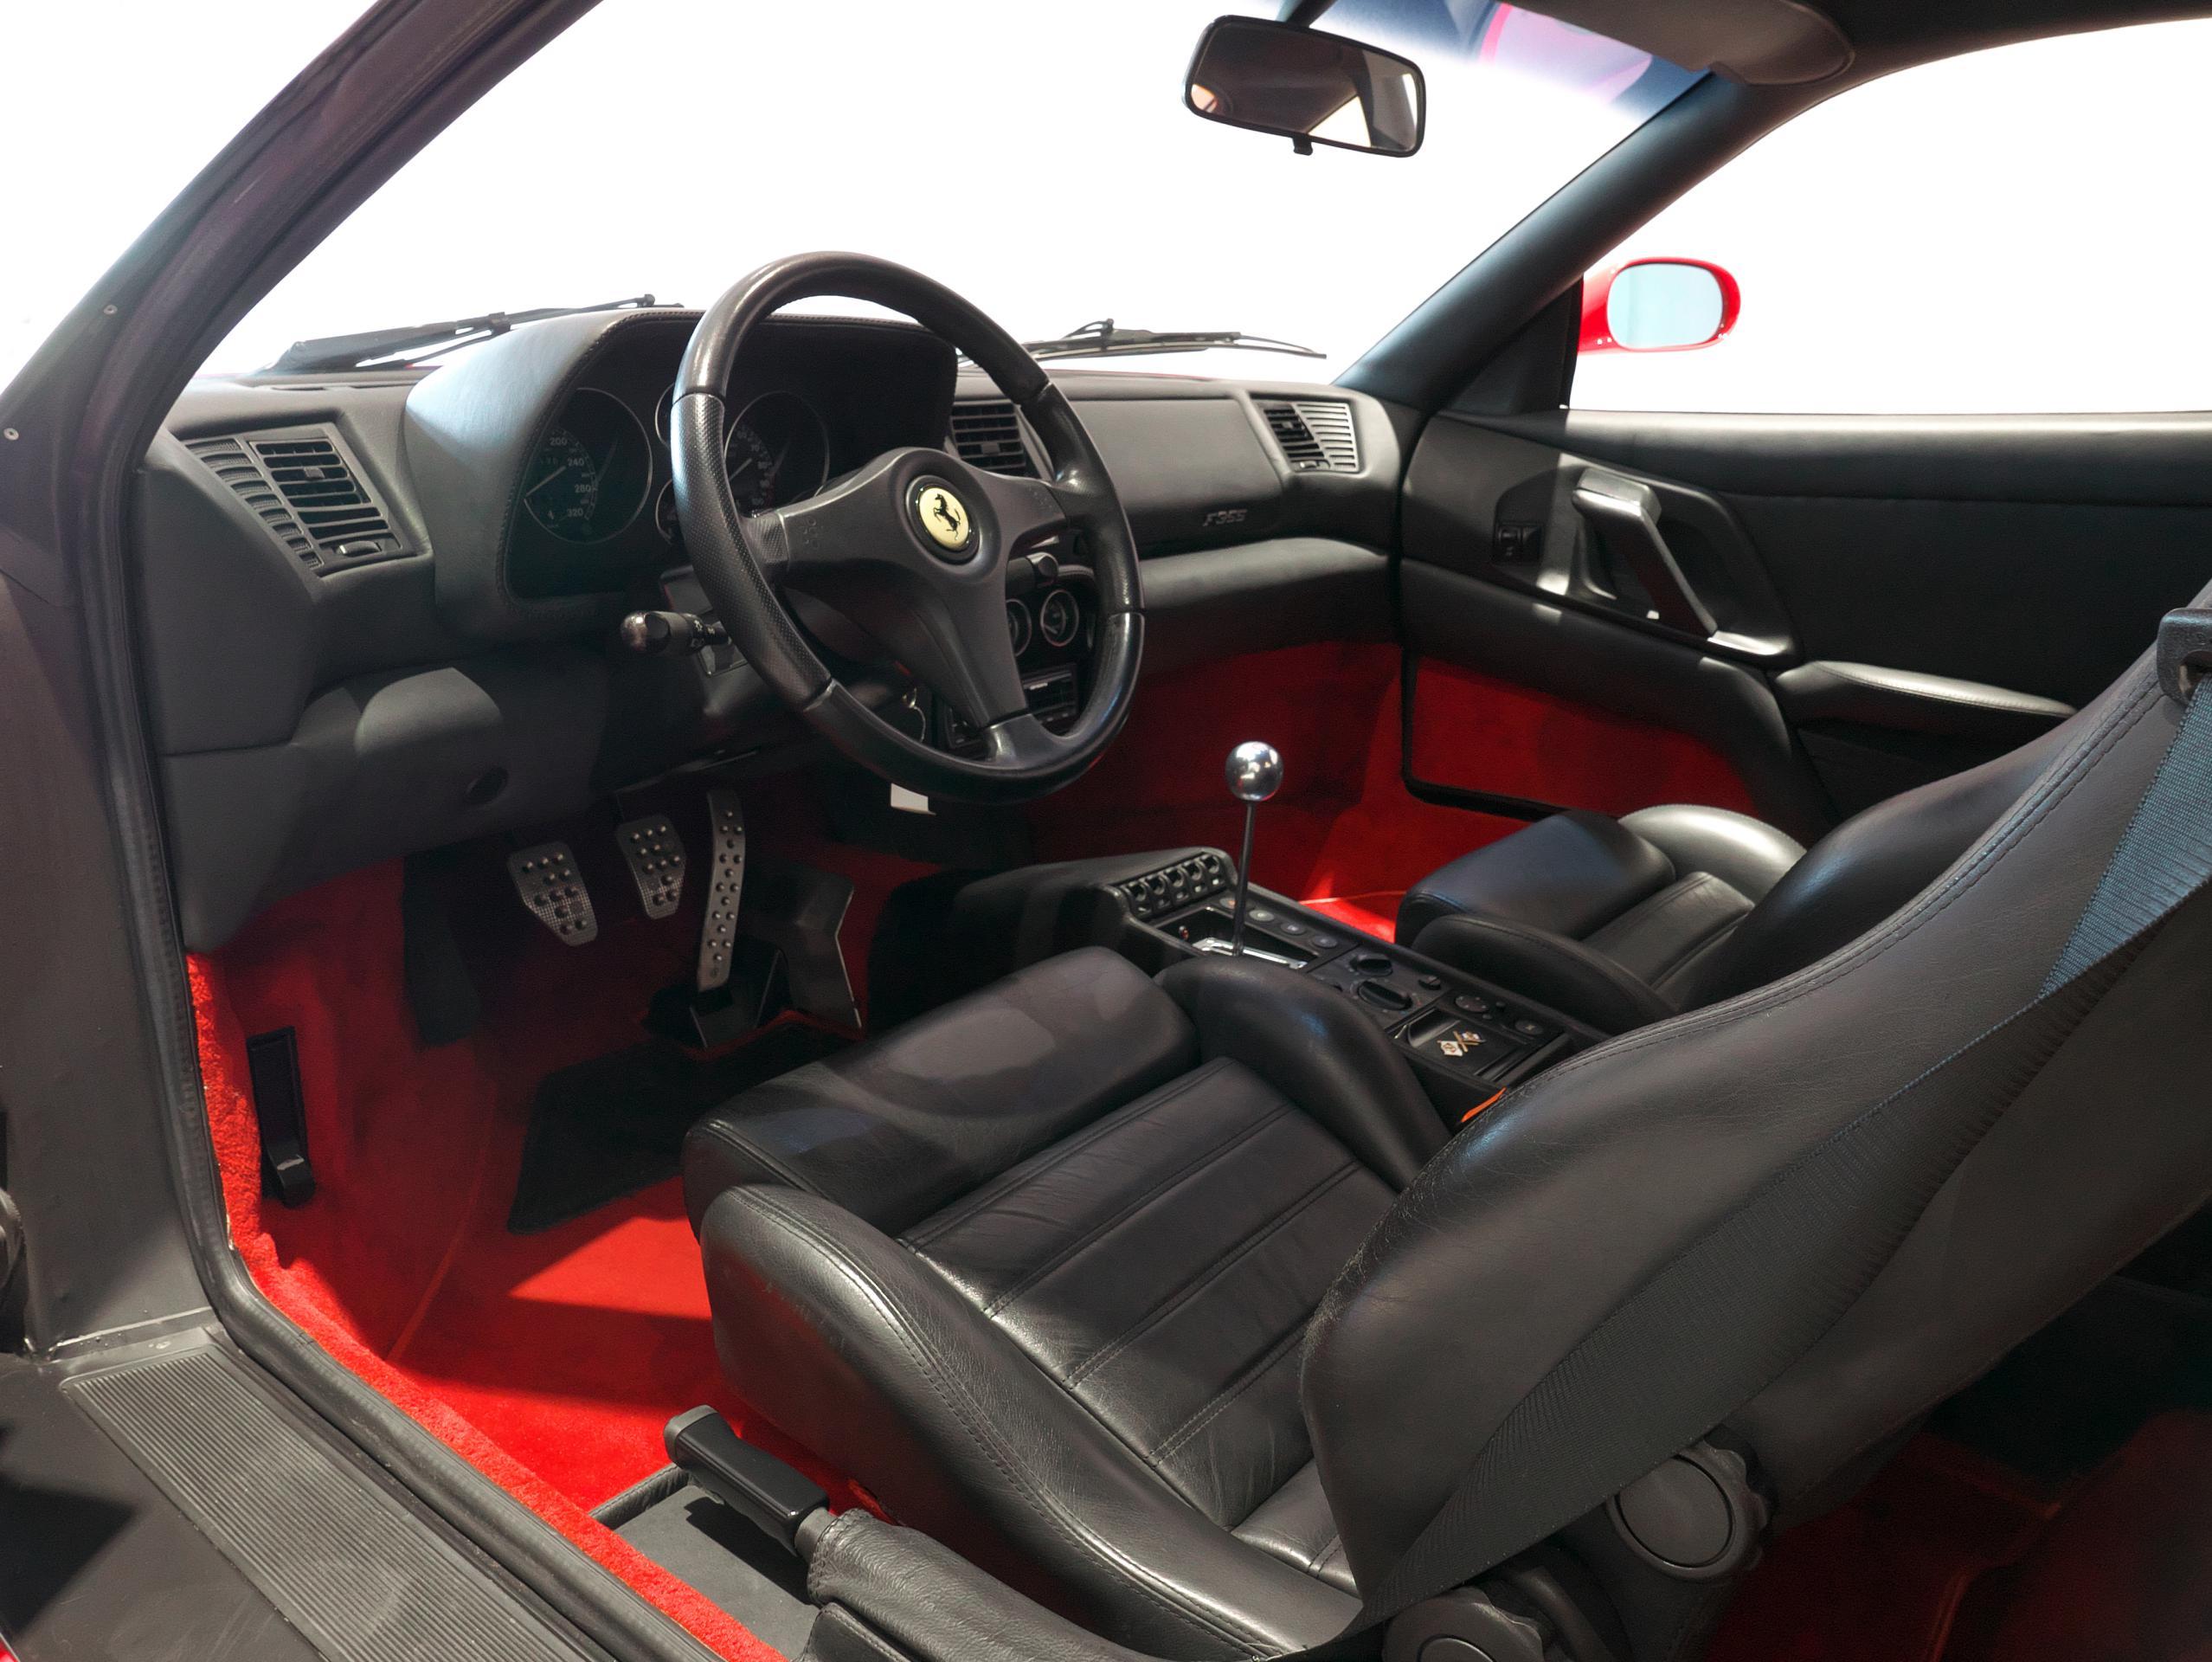 フェラーリ F355 ベルリネッタ 運転席 02